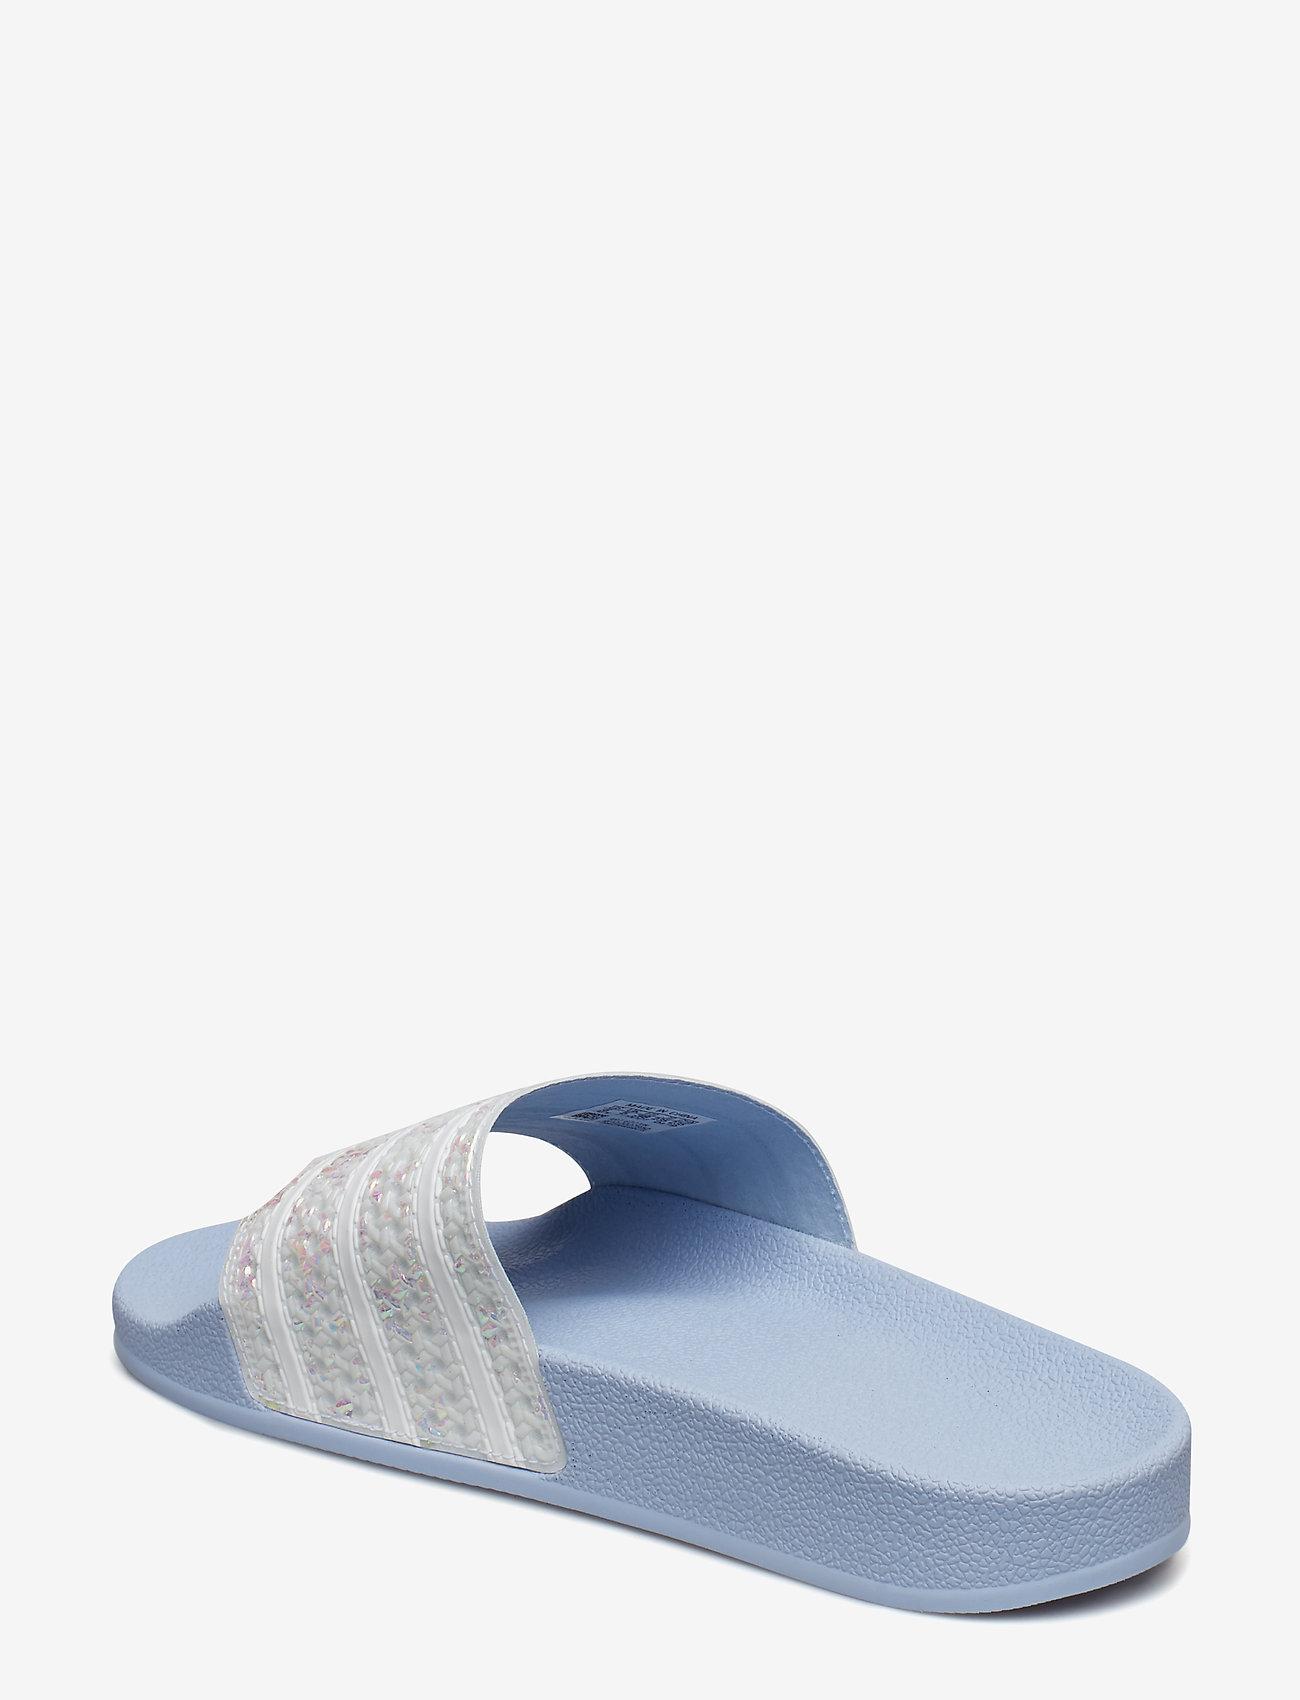 Adidas Originals Adilette W - Sandaler Periwi/ftwwht/periwi